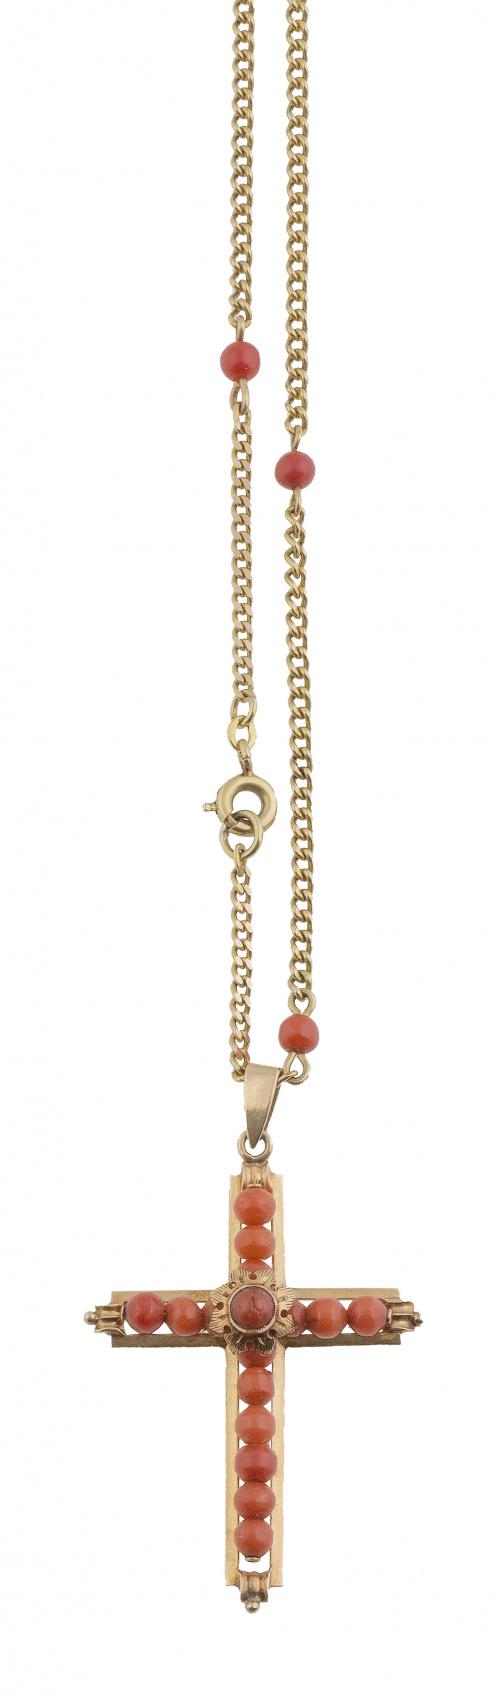 Colgante de cruz de esferas de coral en marco de oro,  con